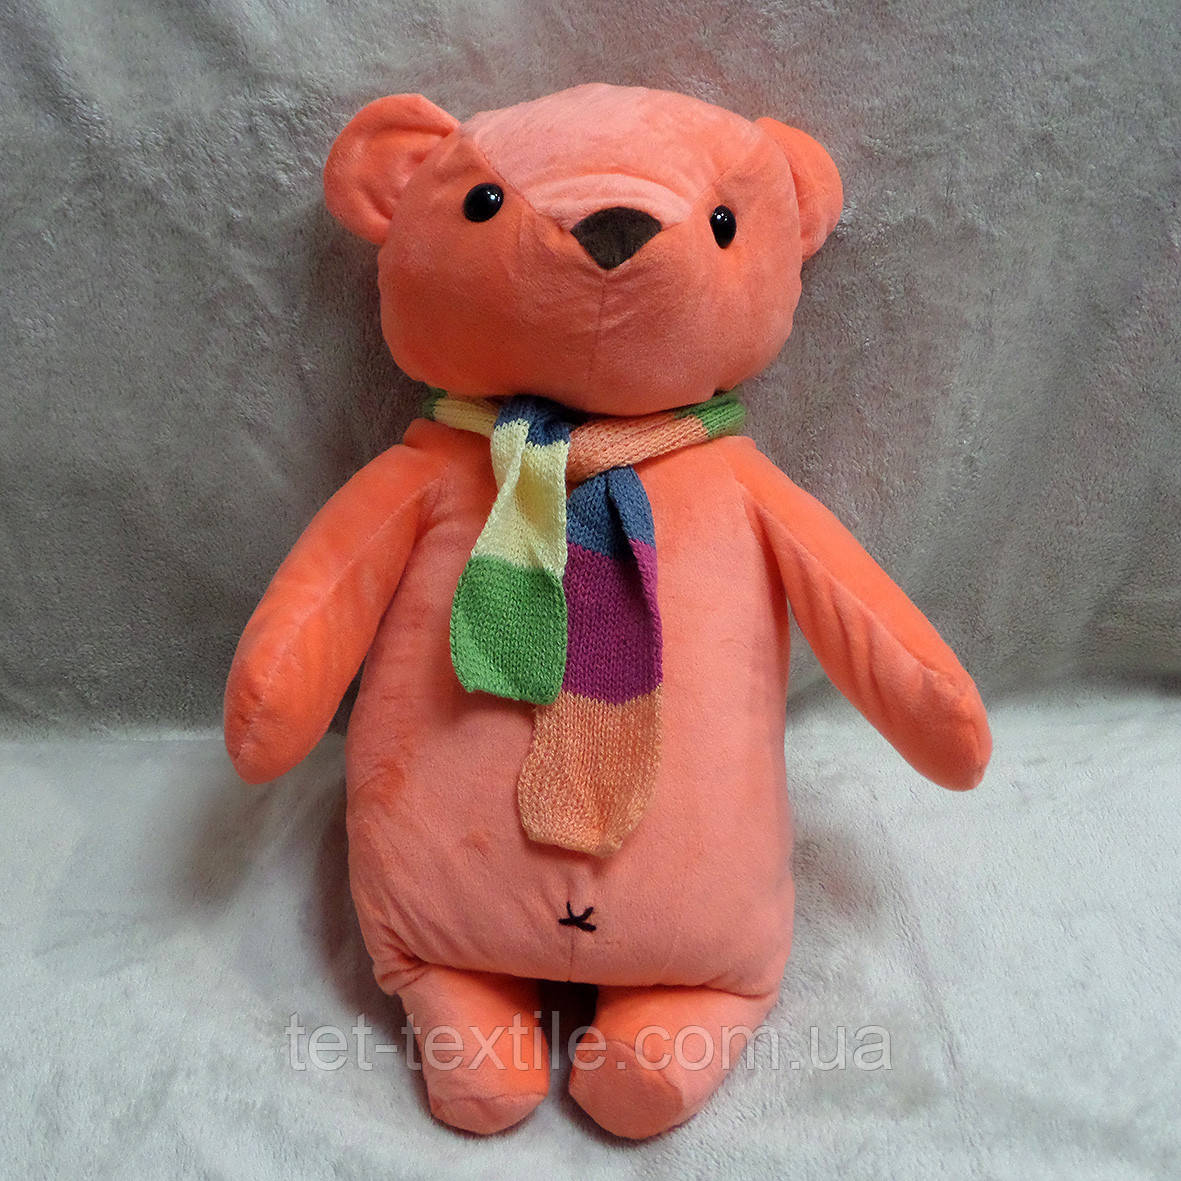 Плед - мягкая игрушка 3 в 1 Мишка с шарфиком коралловый